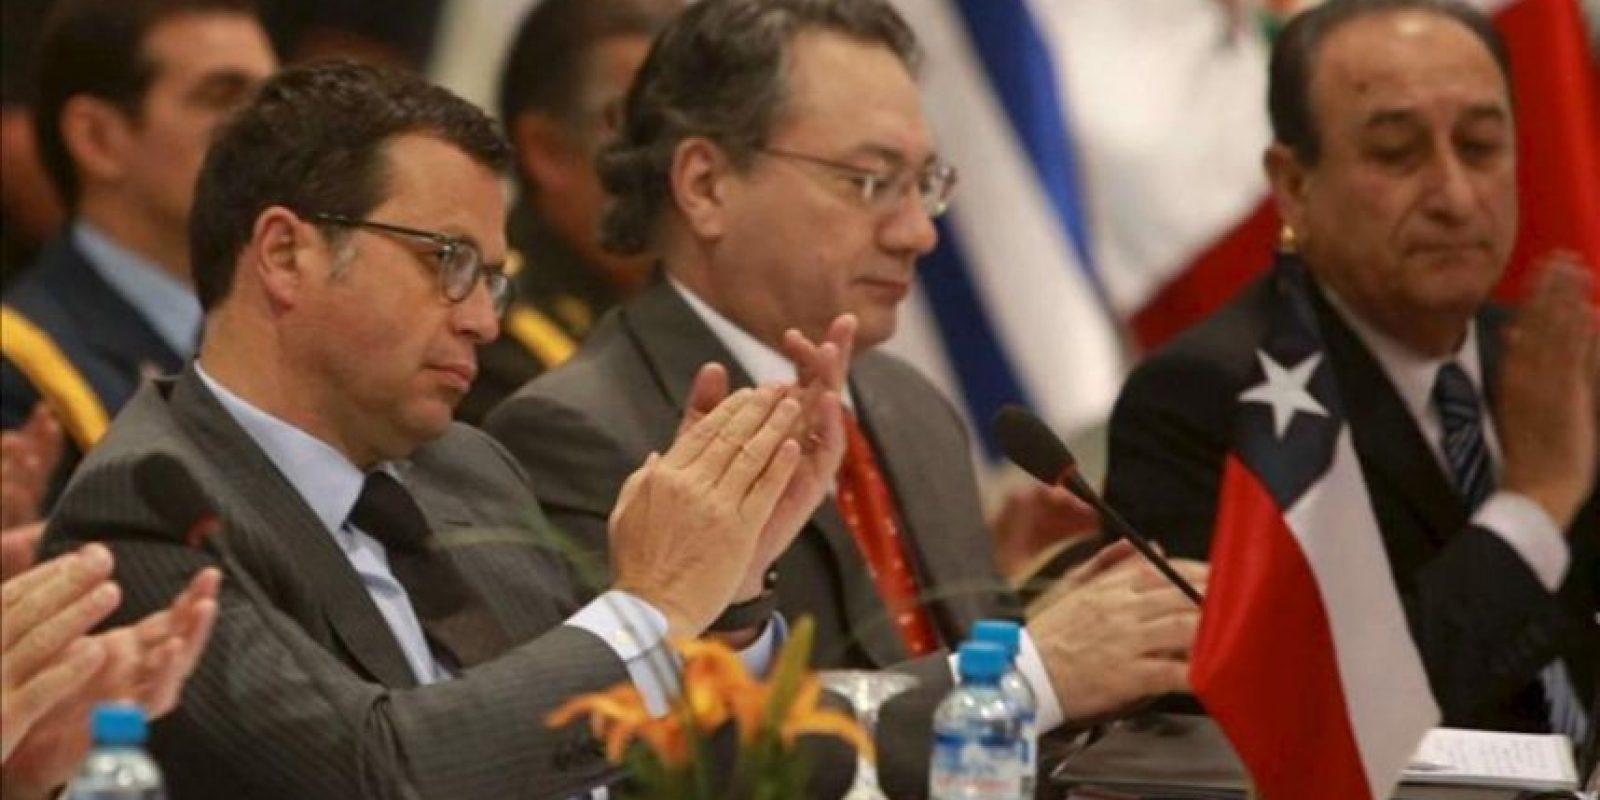 El ministro de Defensa de Chile, Rodrigo Hinzpeter (i) participa en la reunión de ministros de Defensa de la Unión de Naciones Suramericanas (Unasur), en Lima (Perú), en la que aprobarán el Plan de Acción para 2013 del Consejo de Defensa Suramericano (CDS). EFE